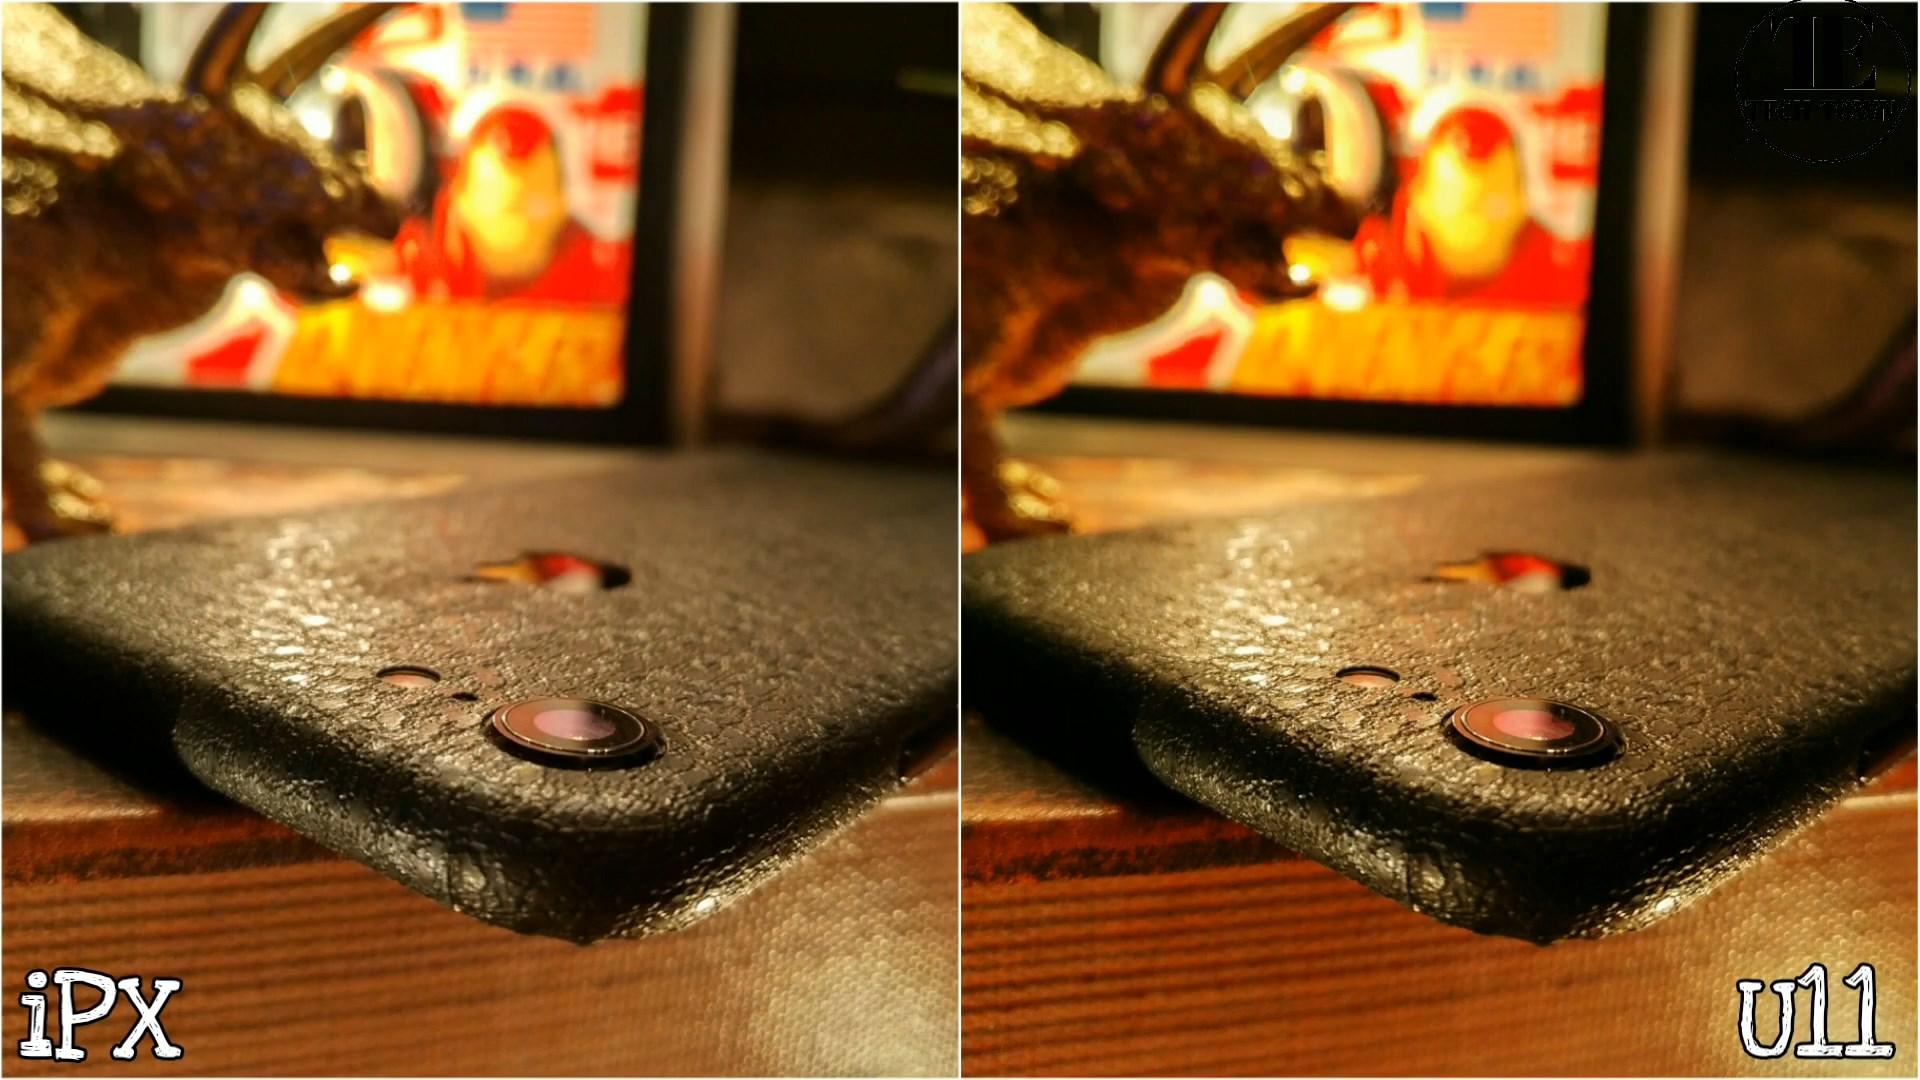 Сравнение камер iPhone X и HTC U11